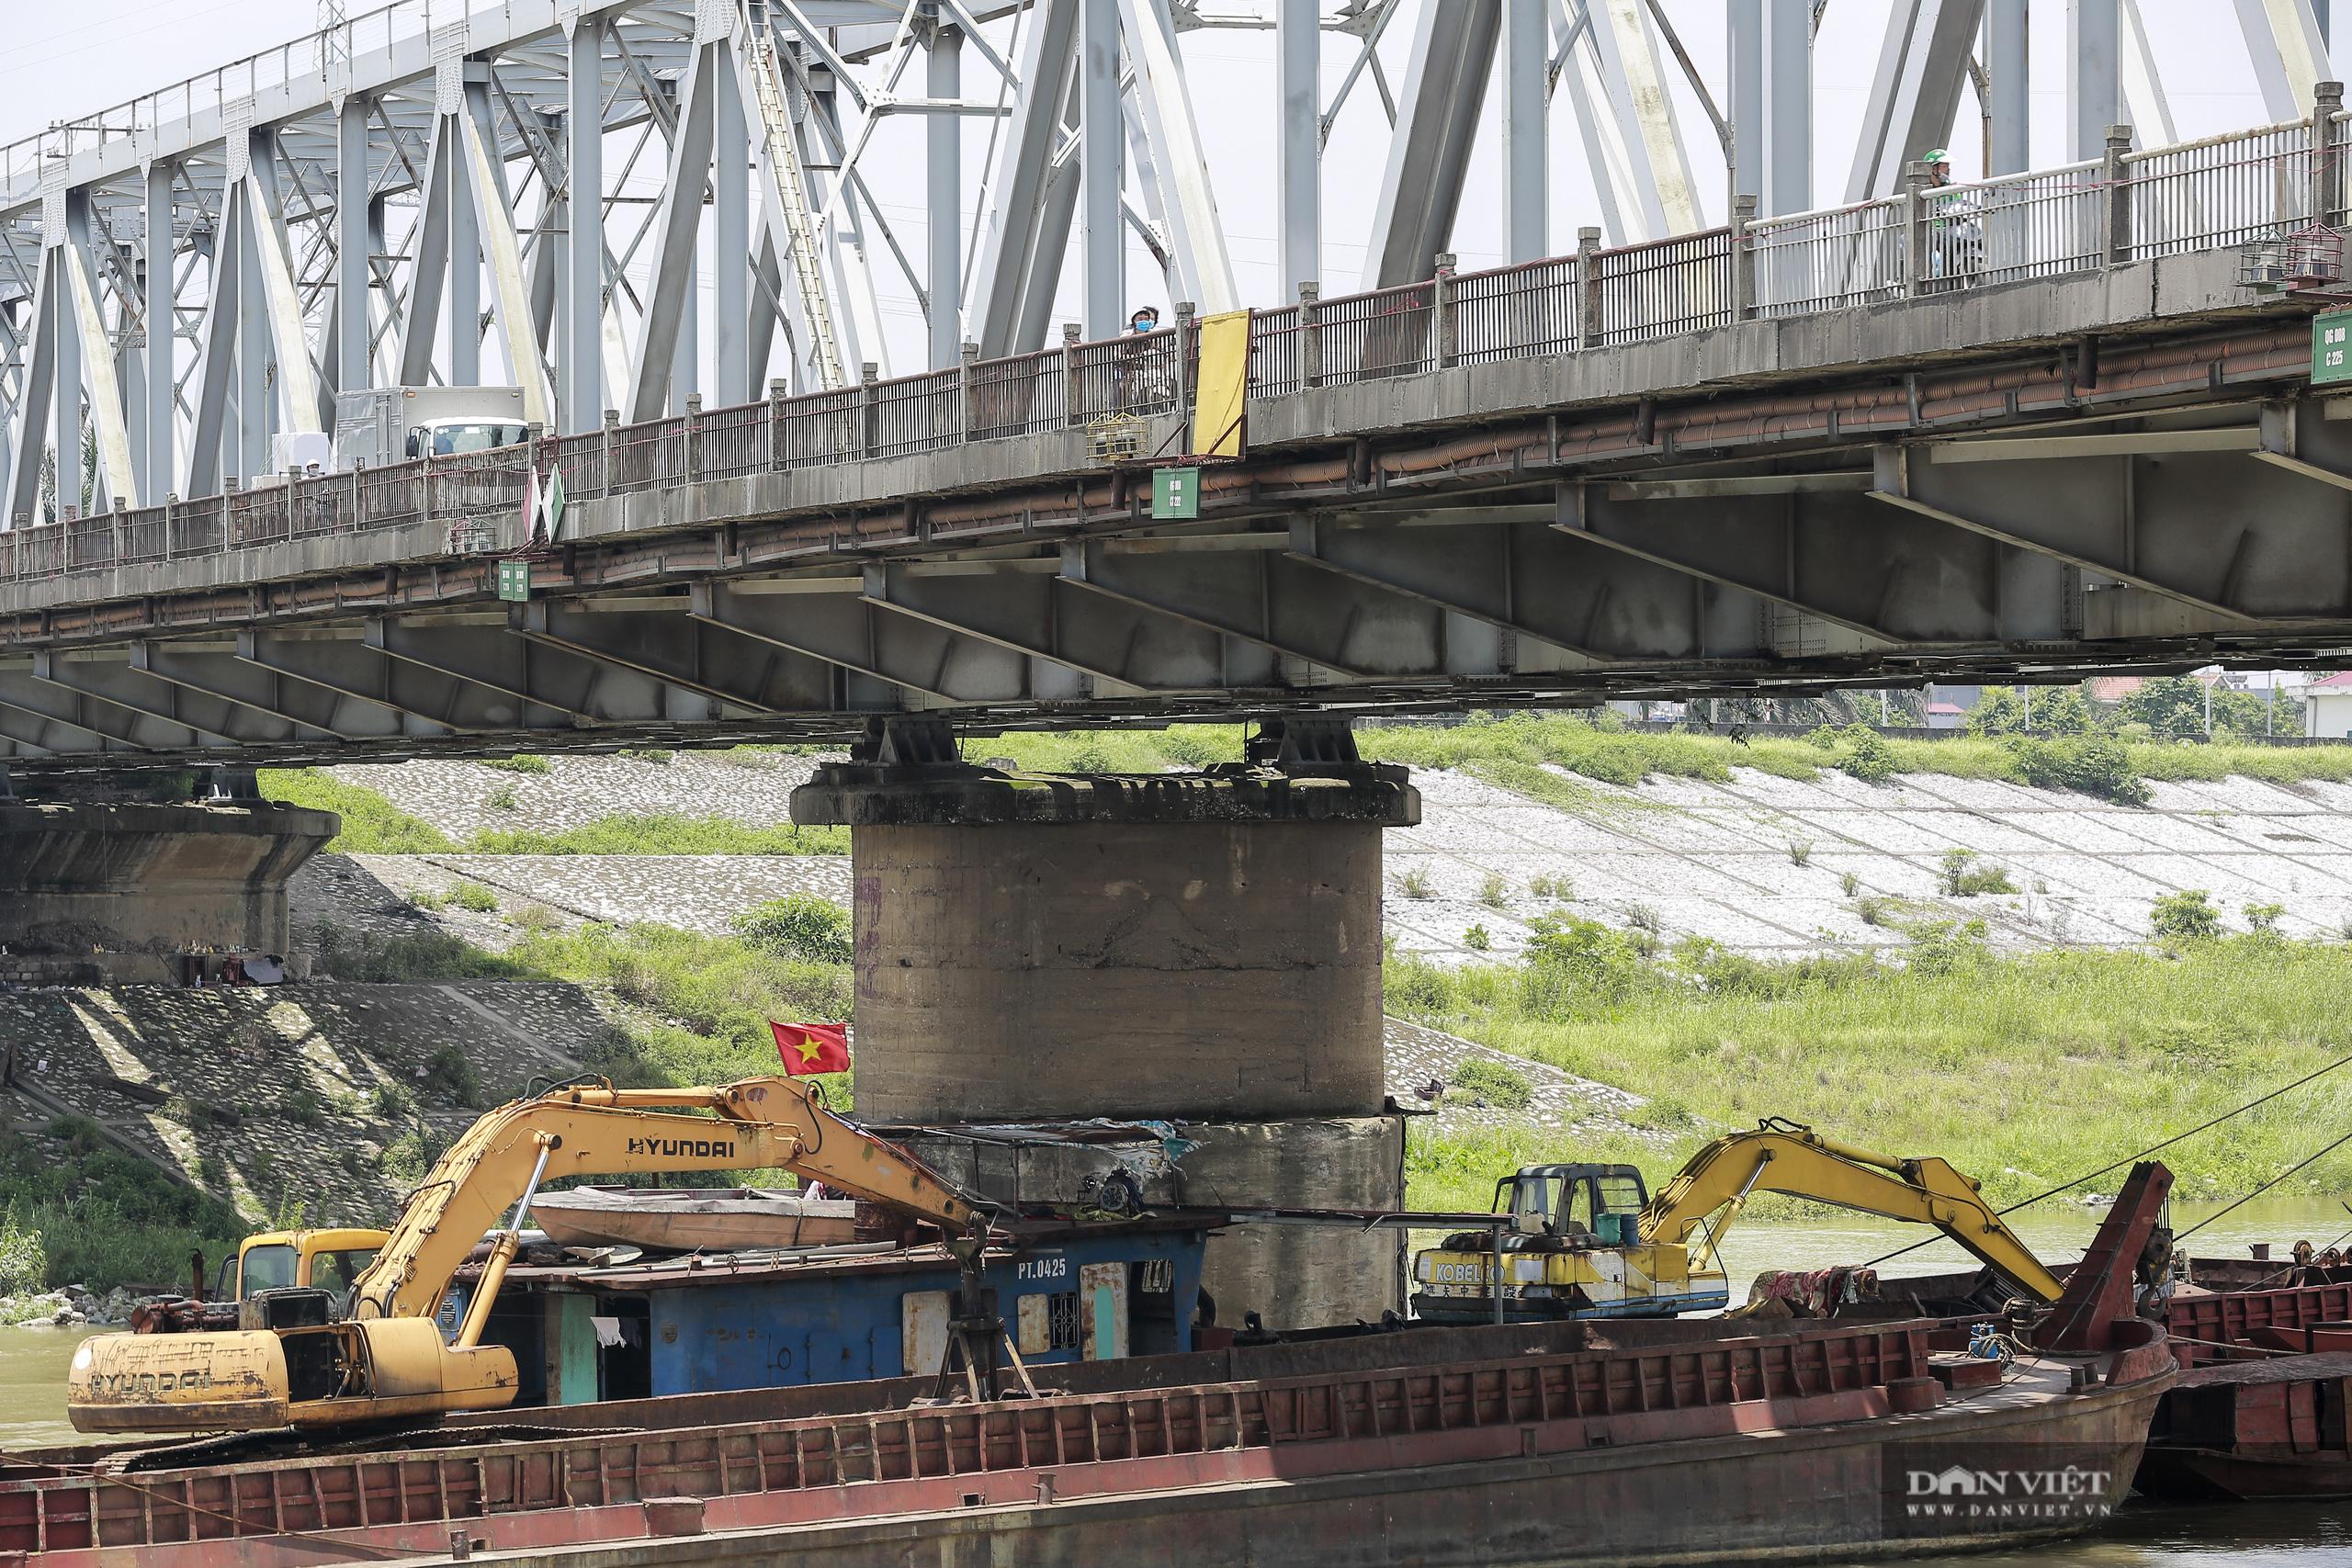 Cầu Đuống sửa chữa, tàu thuyền được phép di chuyển vào giờ nào? - Ảnh 2.